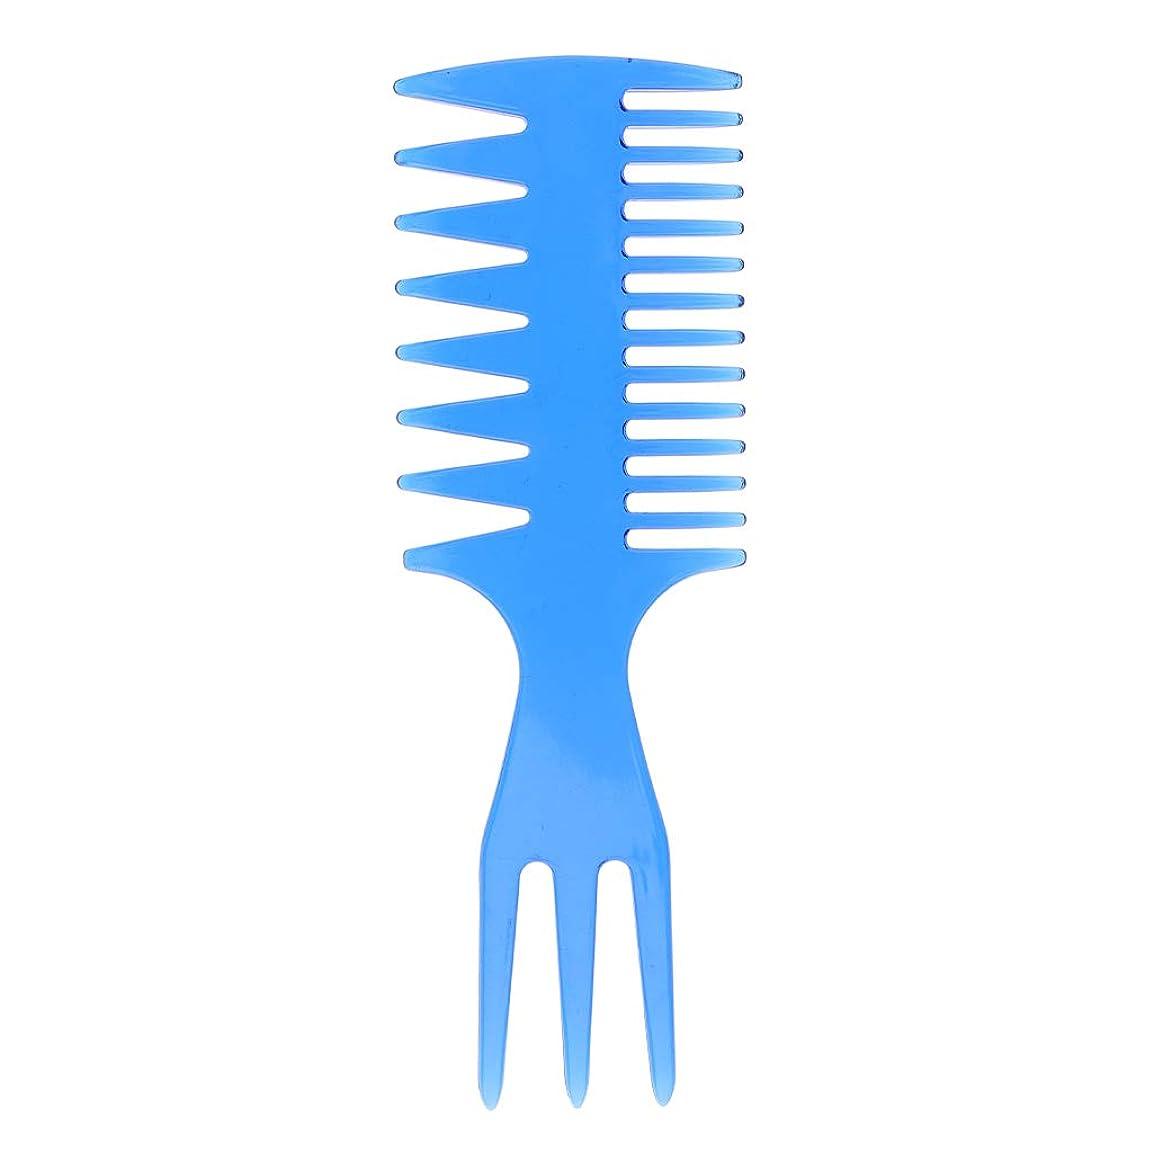 魅力ネックレット固める1つの人の油性毛の一突きの櫛の大広間の染料の理髪のスタイリング広い歯に付き3つ